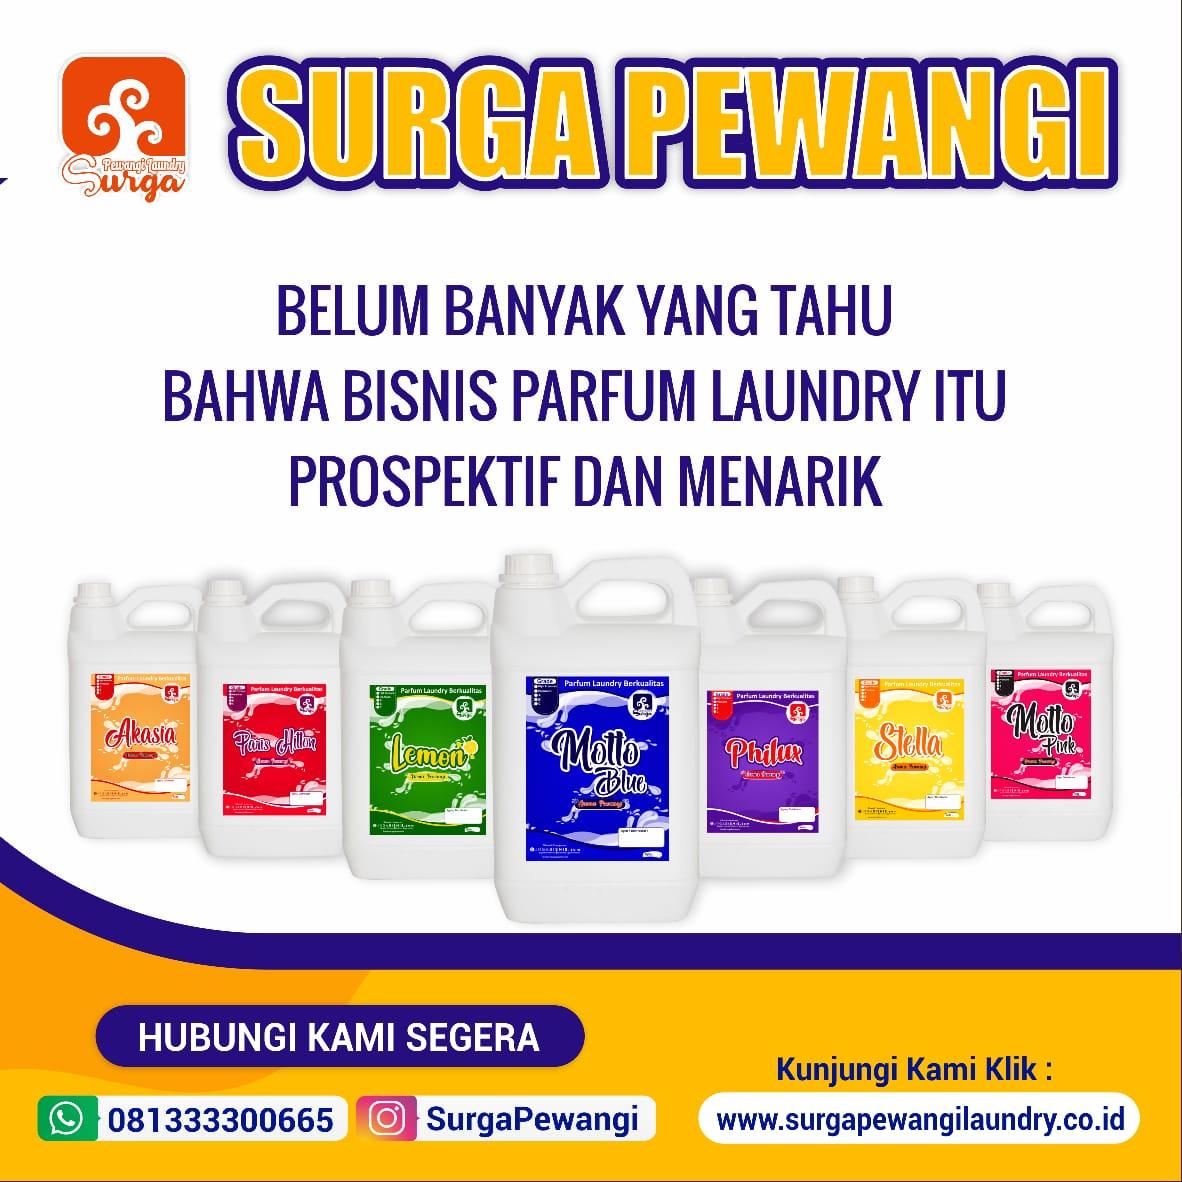 Produsen Parfum Laundry Indonesia